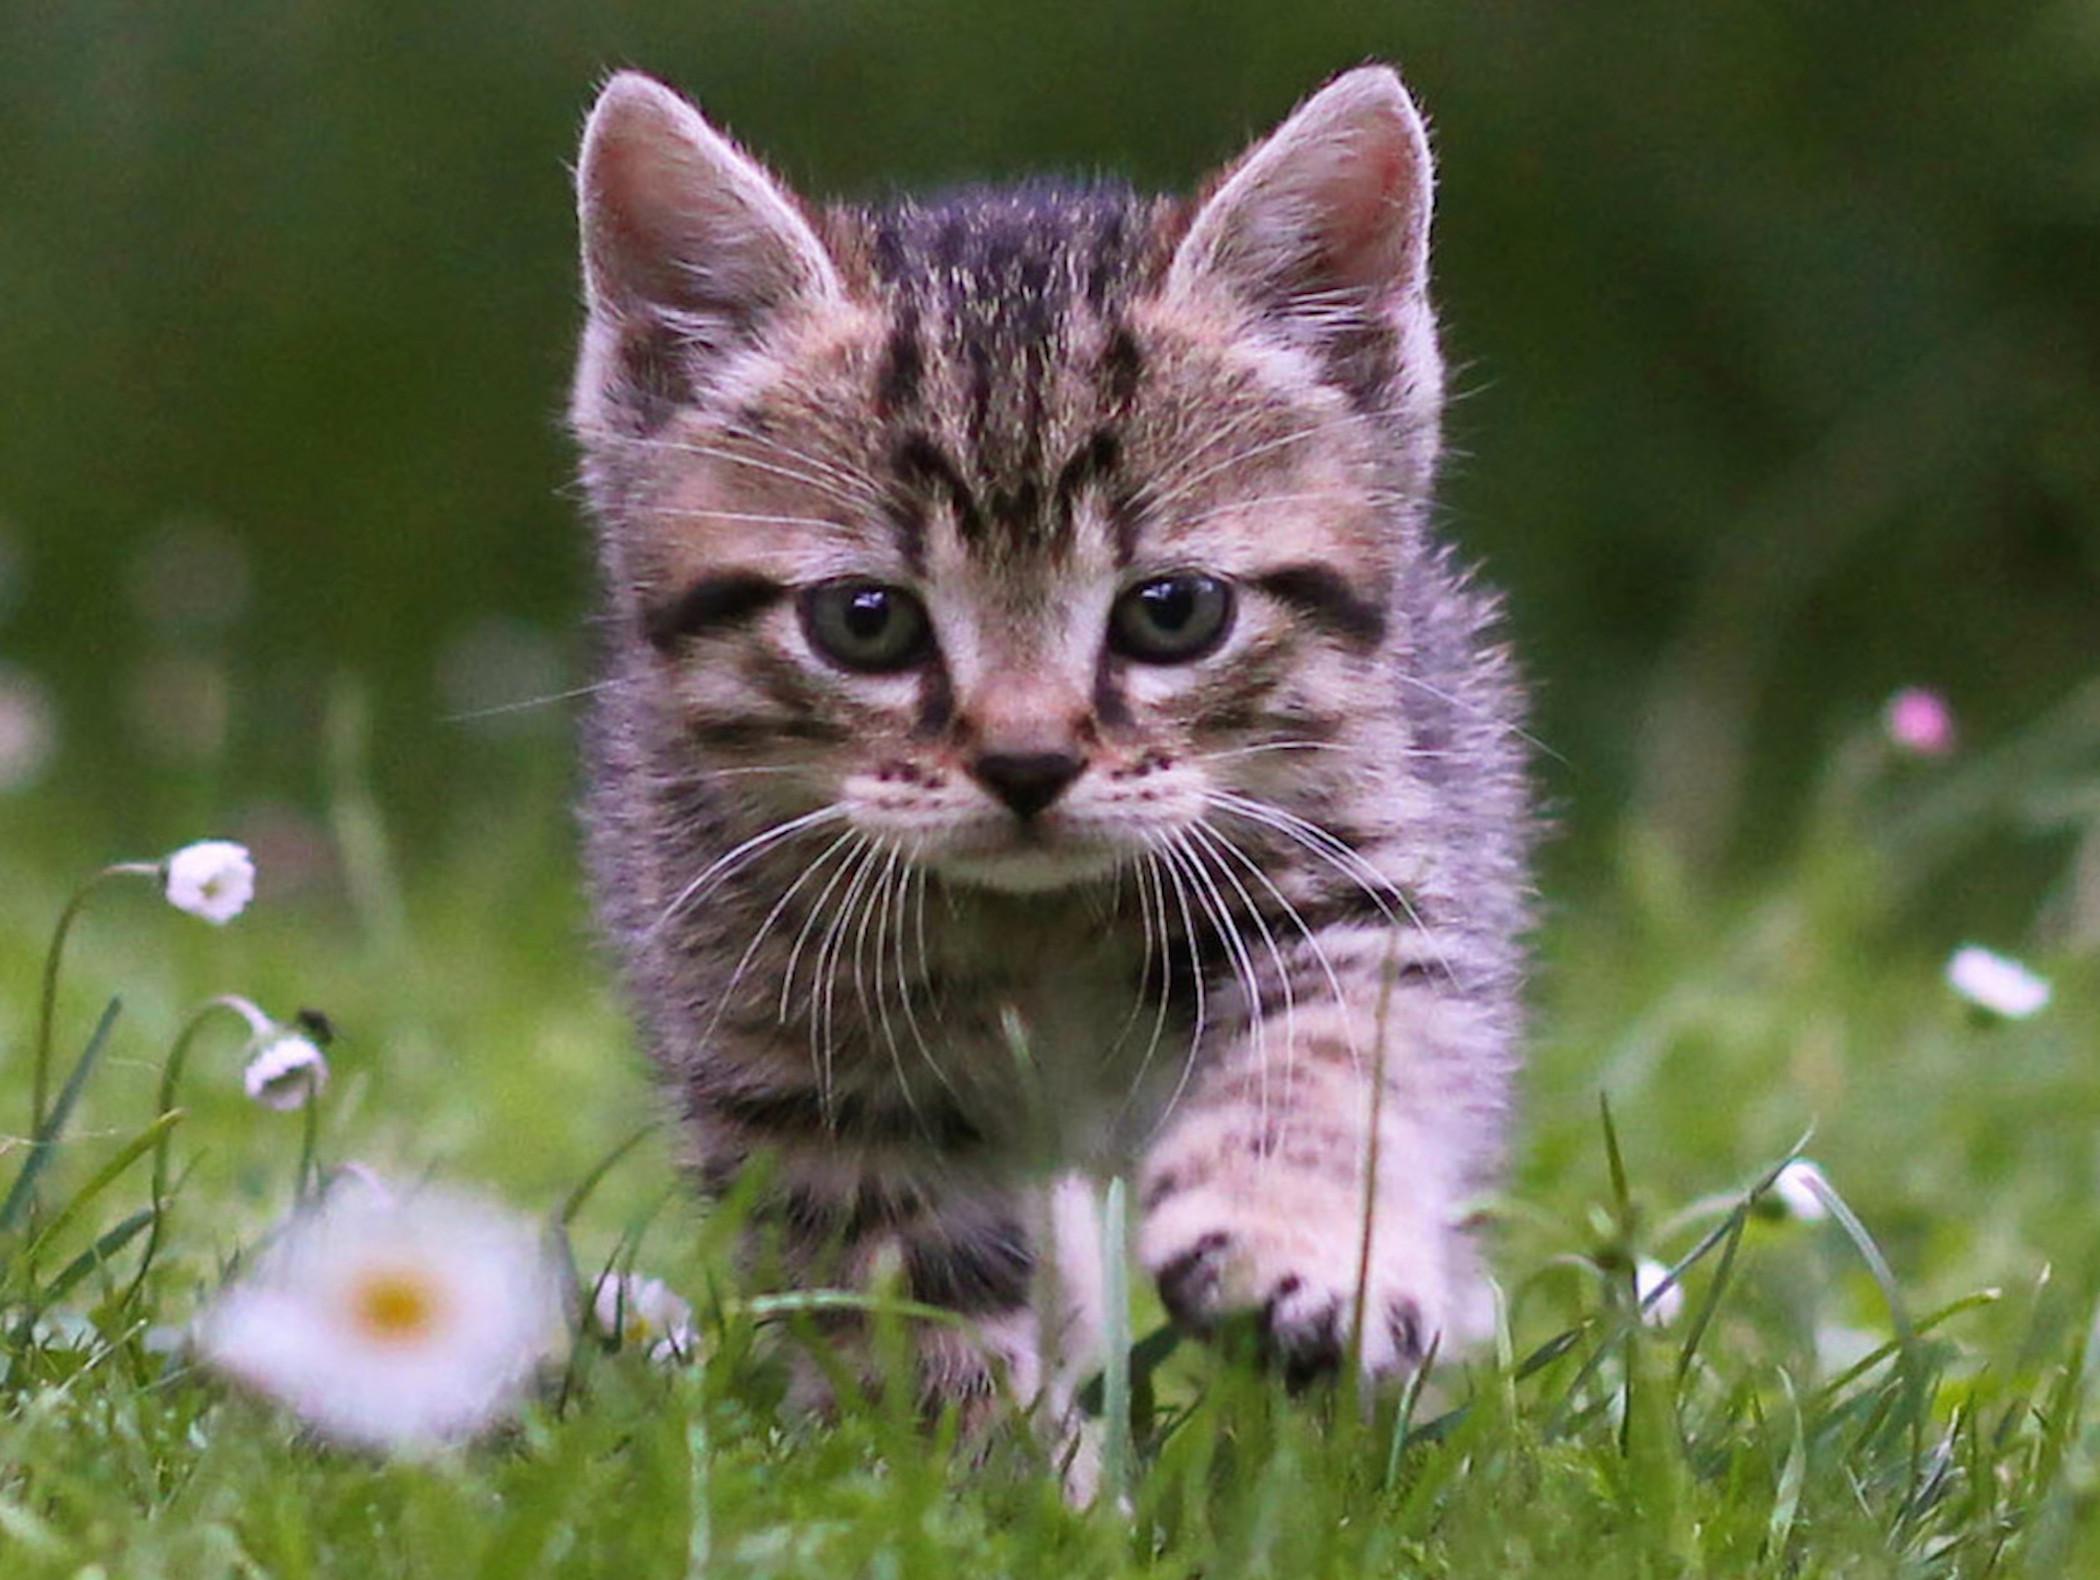 tabby kitten hd wallpaper - photo #26